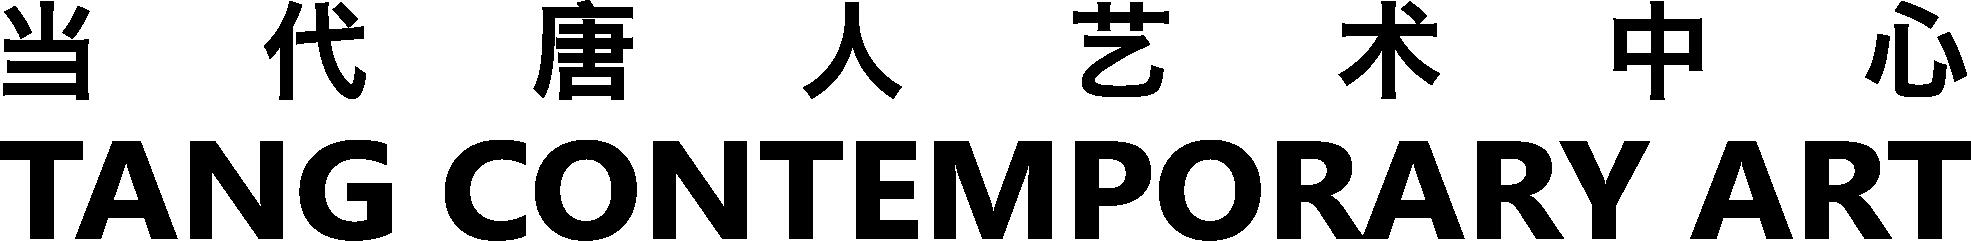 展览现场|黎薇个展:童话 博文精选 当代唐人艺术中心 黎薇 童话 个展 现场 Lí Tale 当代唐人艺术中心 北京 空间 艺术家 崇真艺客